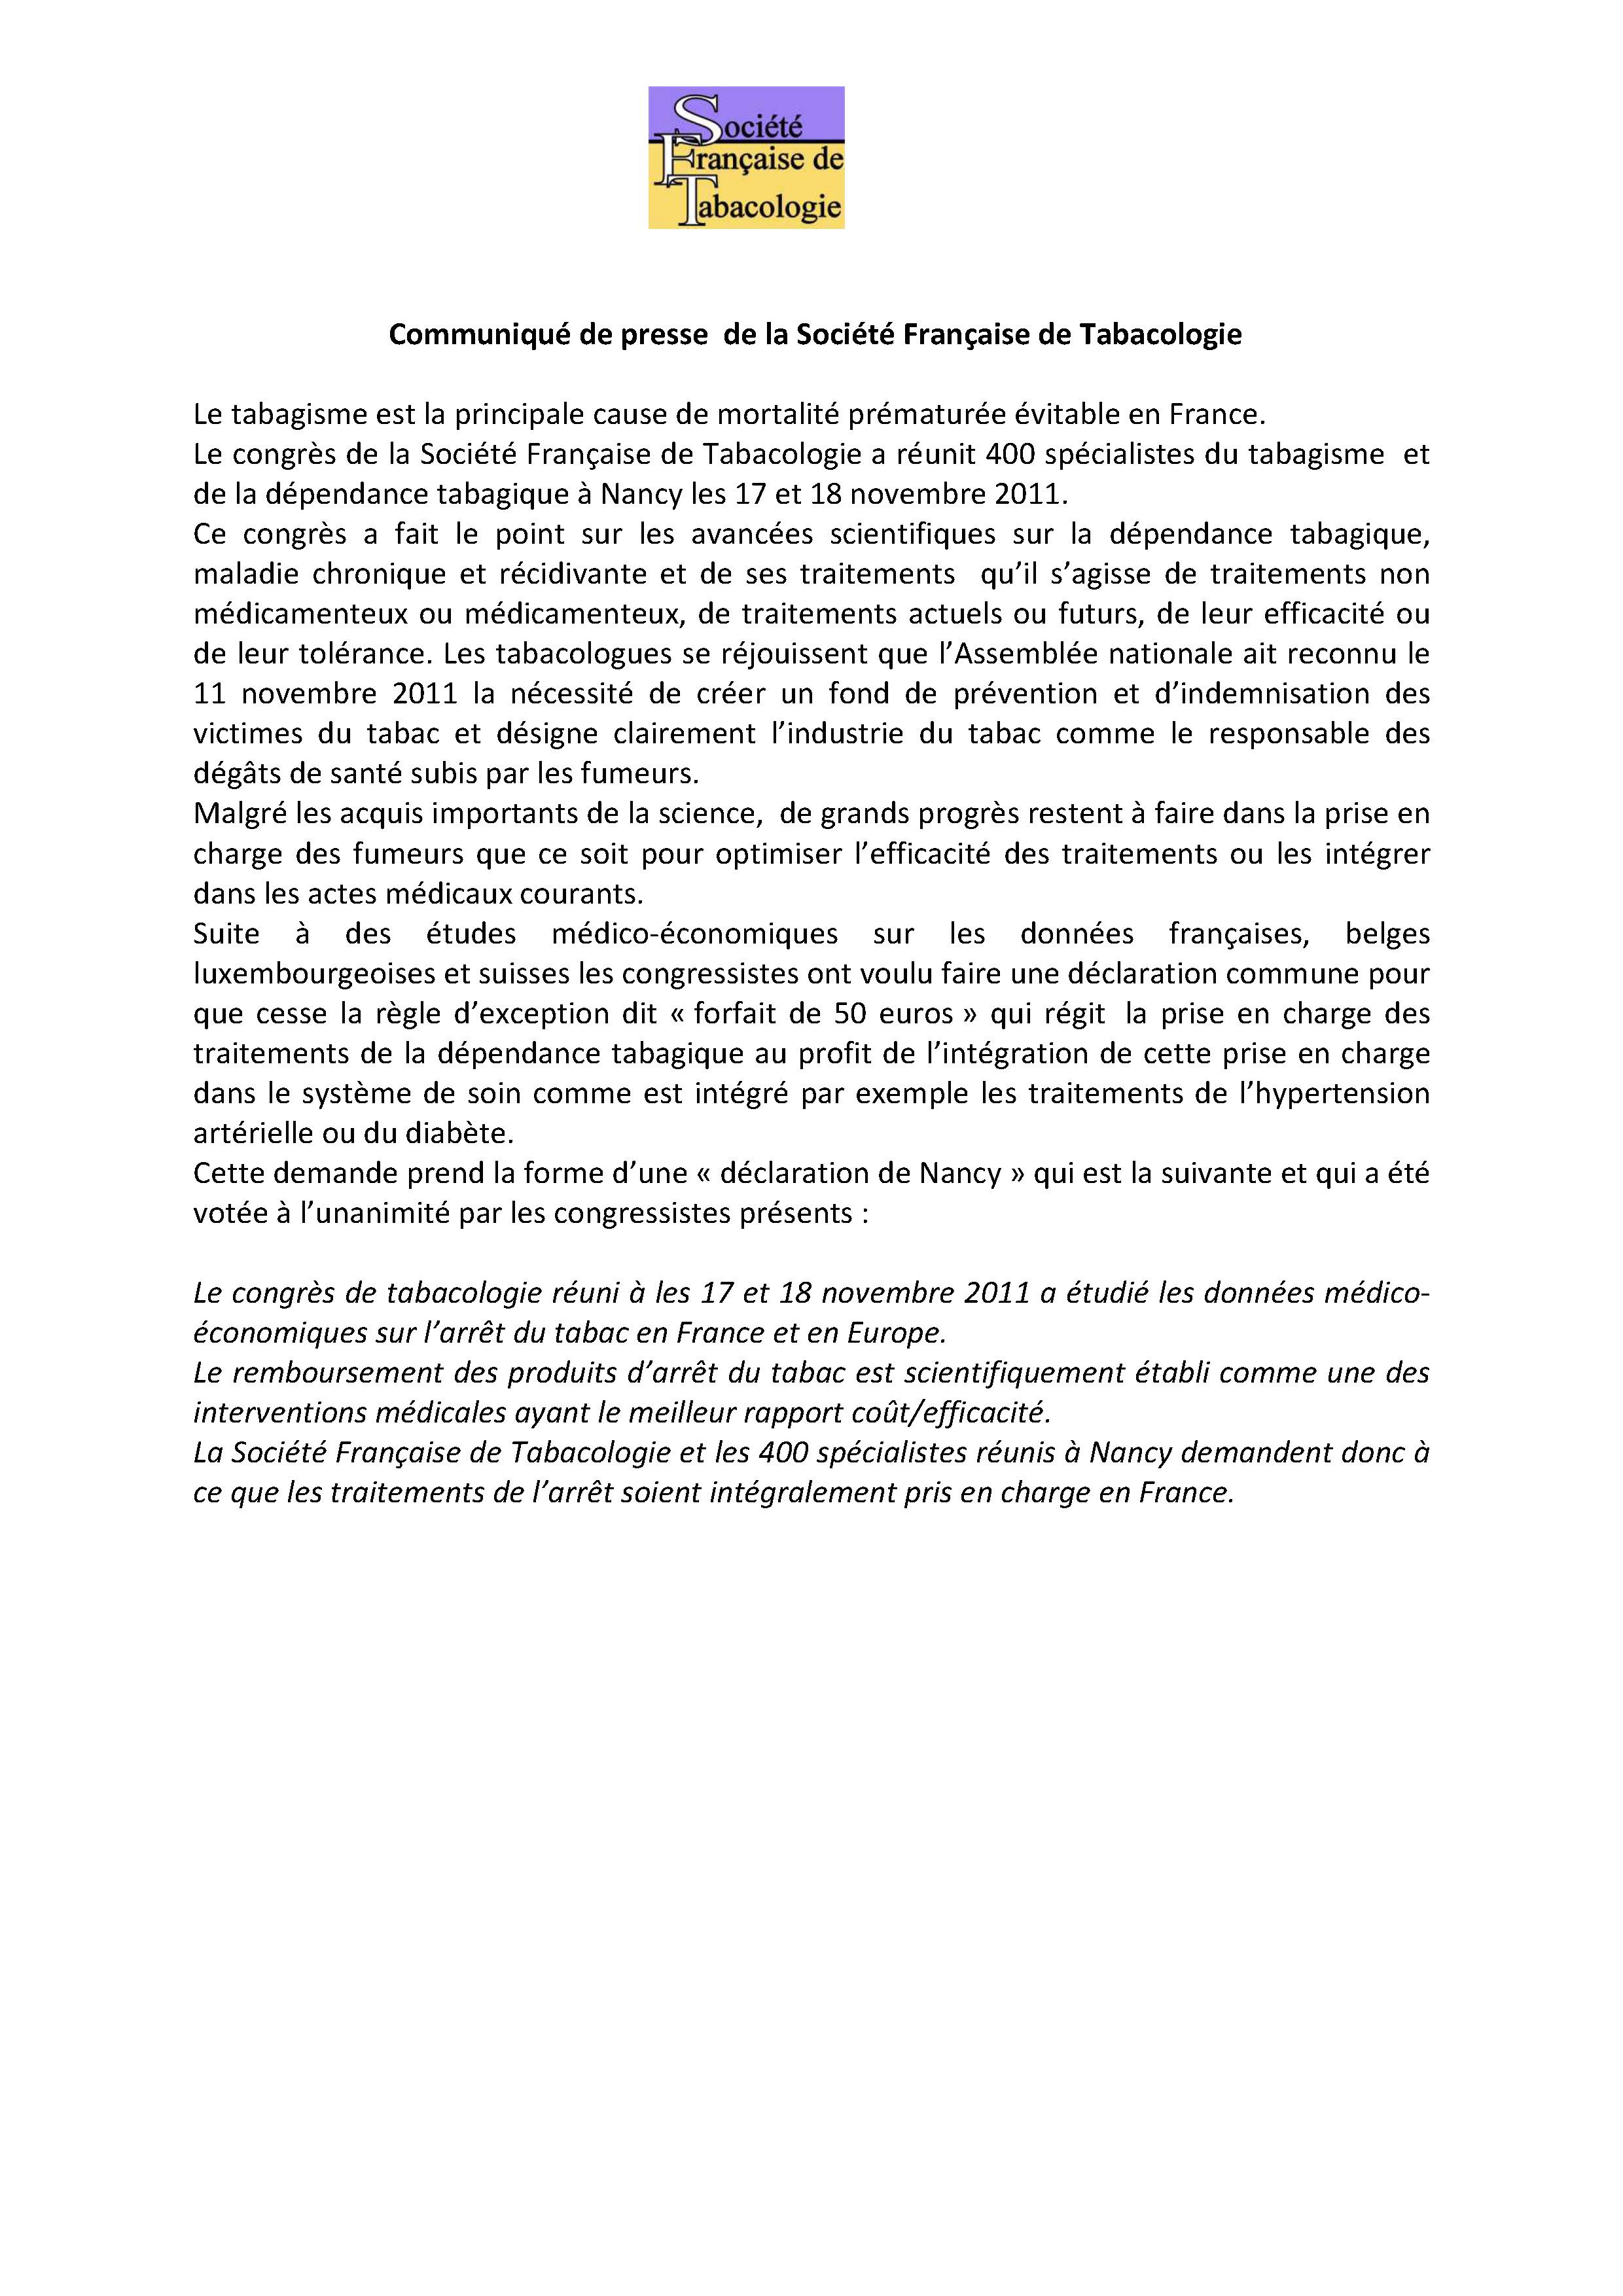 SFT-CP_congres-de-la-societe-francaise-de-tabacologie-23nov2011.jpg